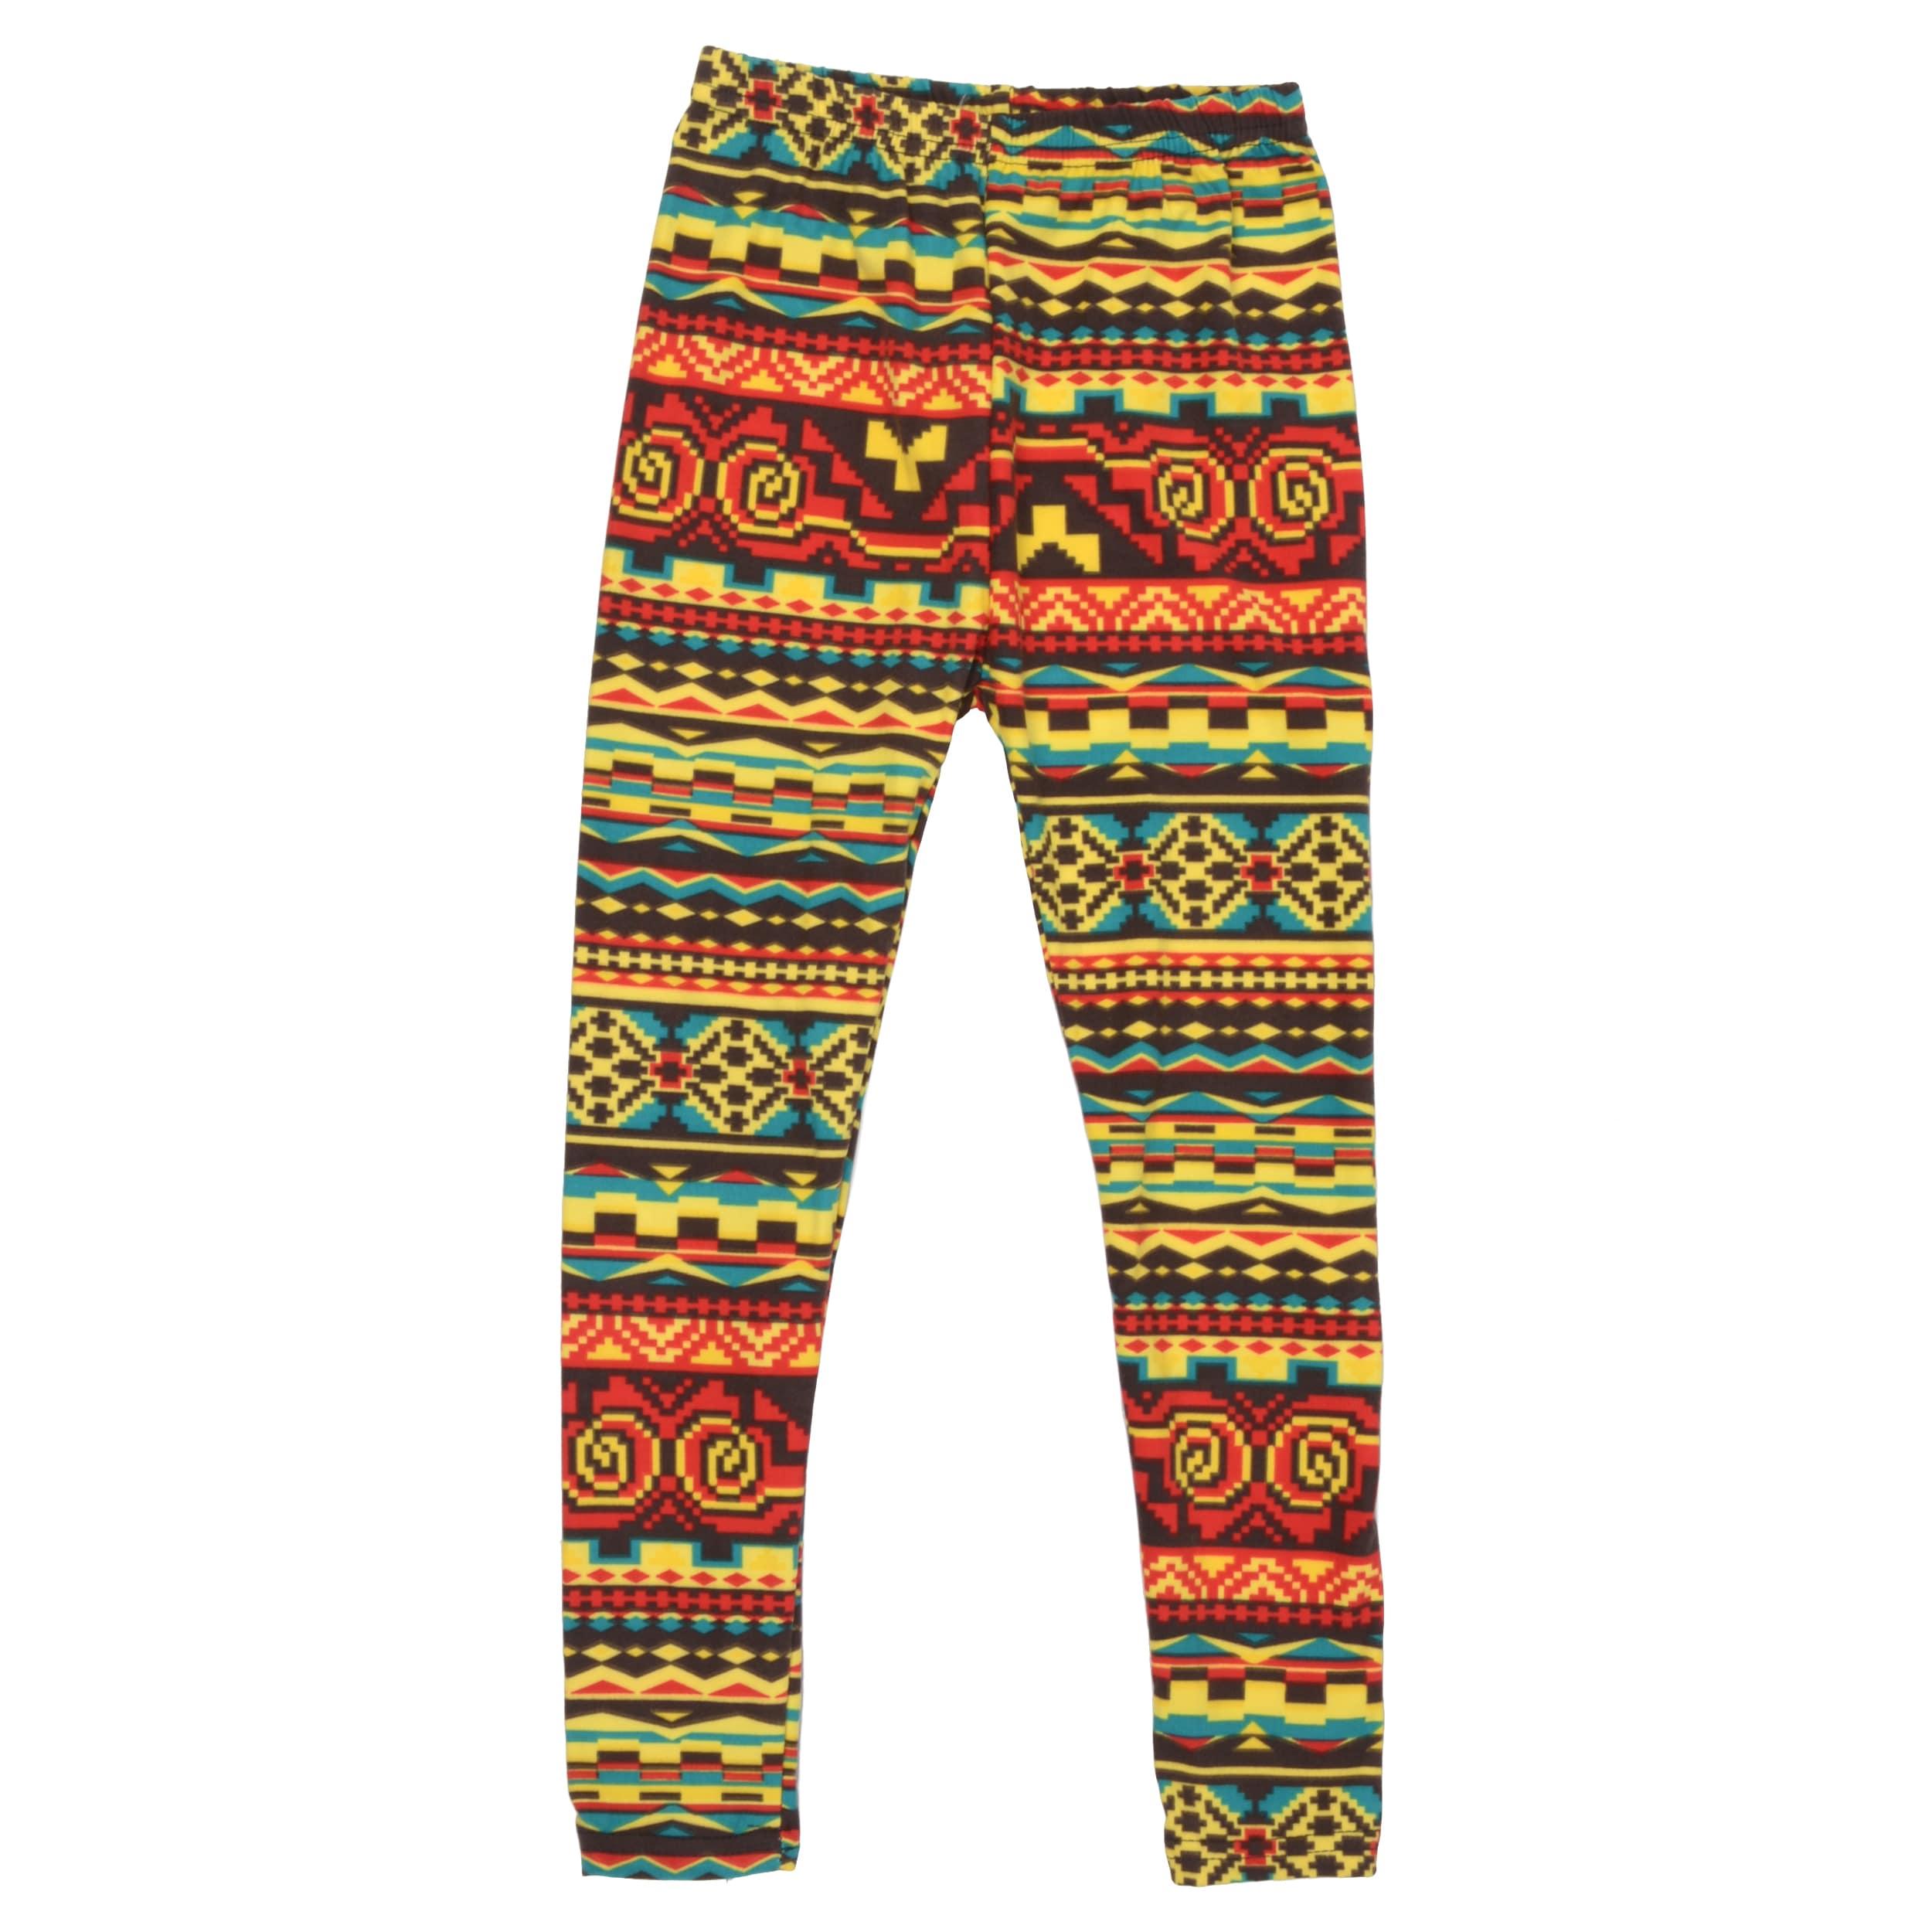 Hailey Jeans Co. Girl's Soft Aztec Print Leggings